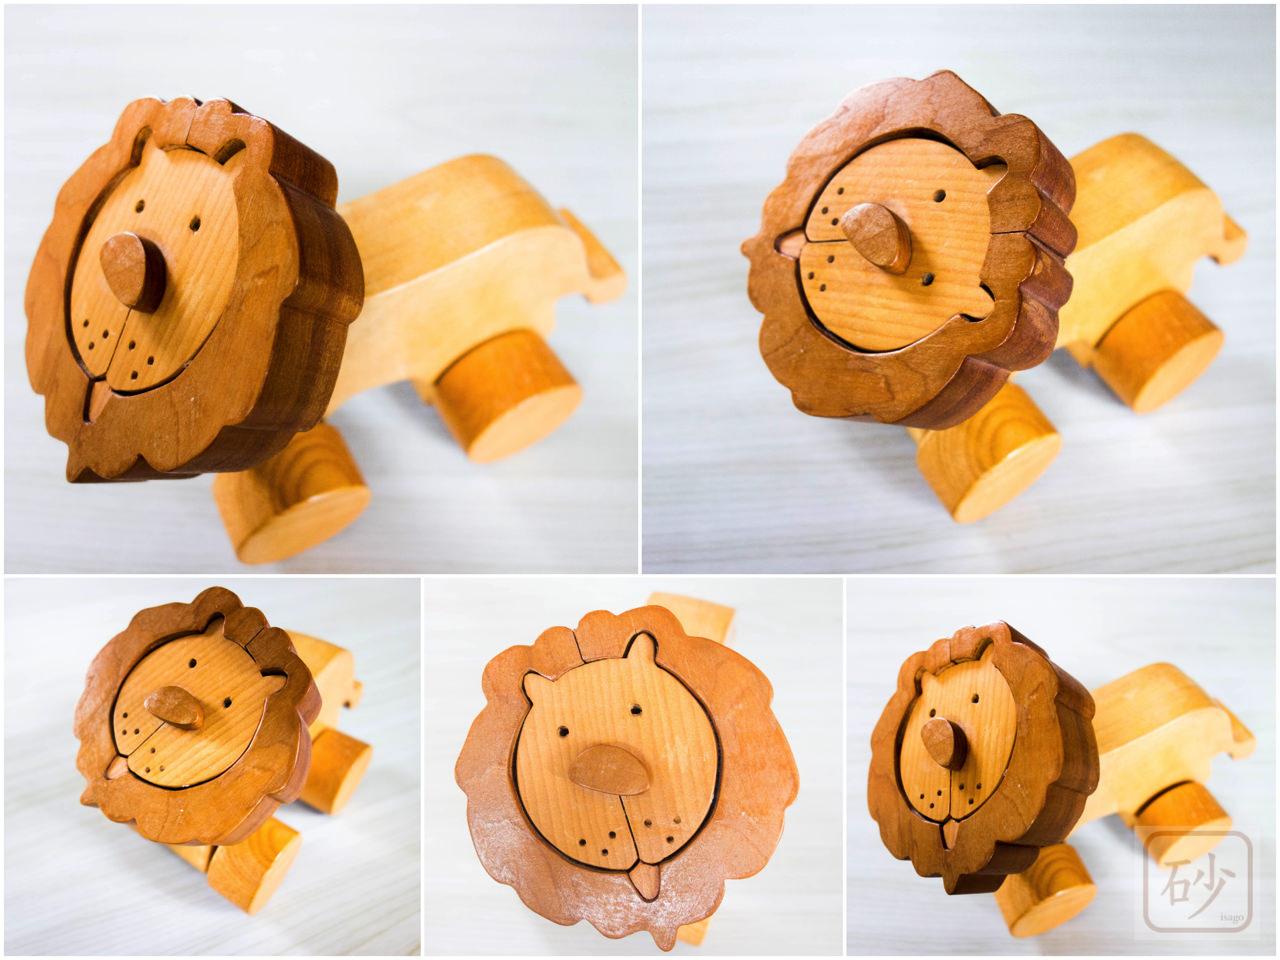 ライオンの木のおもちゃ